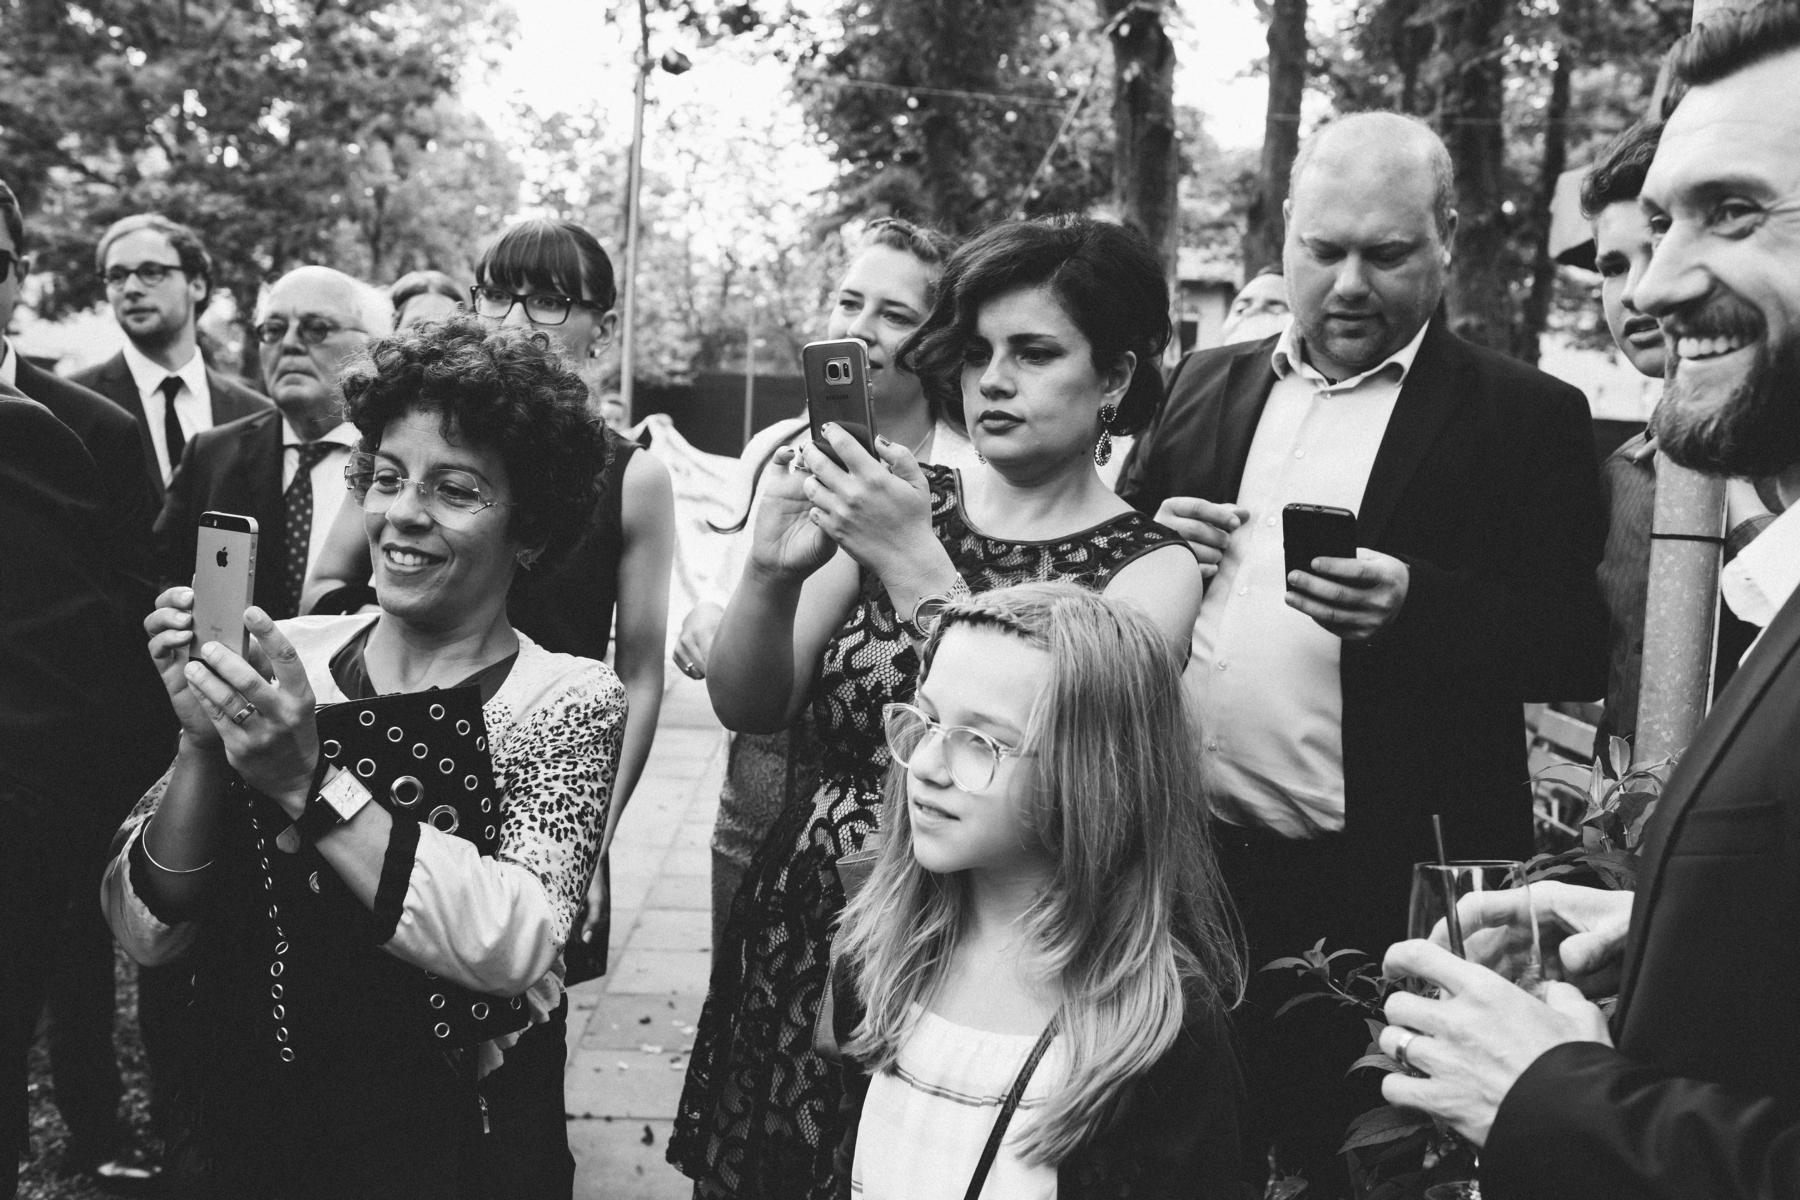 Hochzeitsgäste bei Hochzeitsfeier in der Luise Dahlem in Berlin